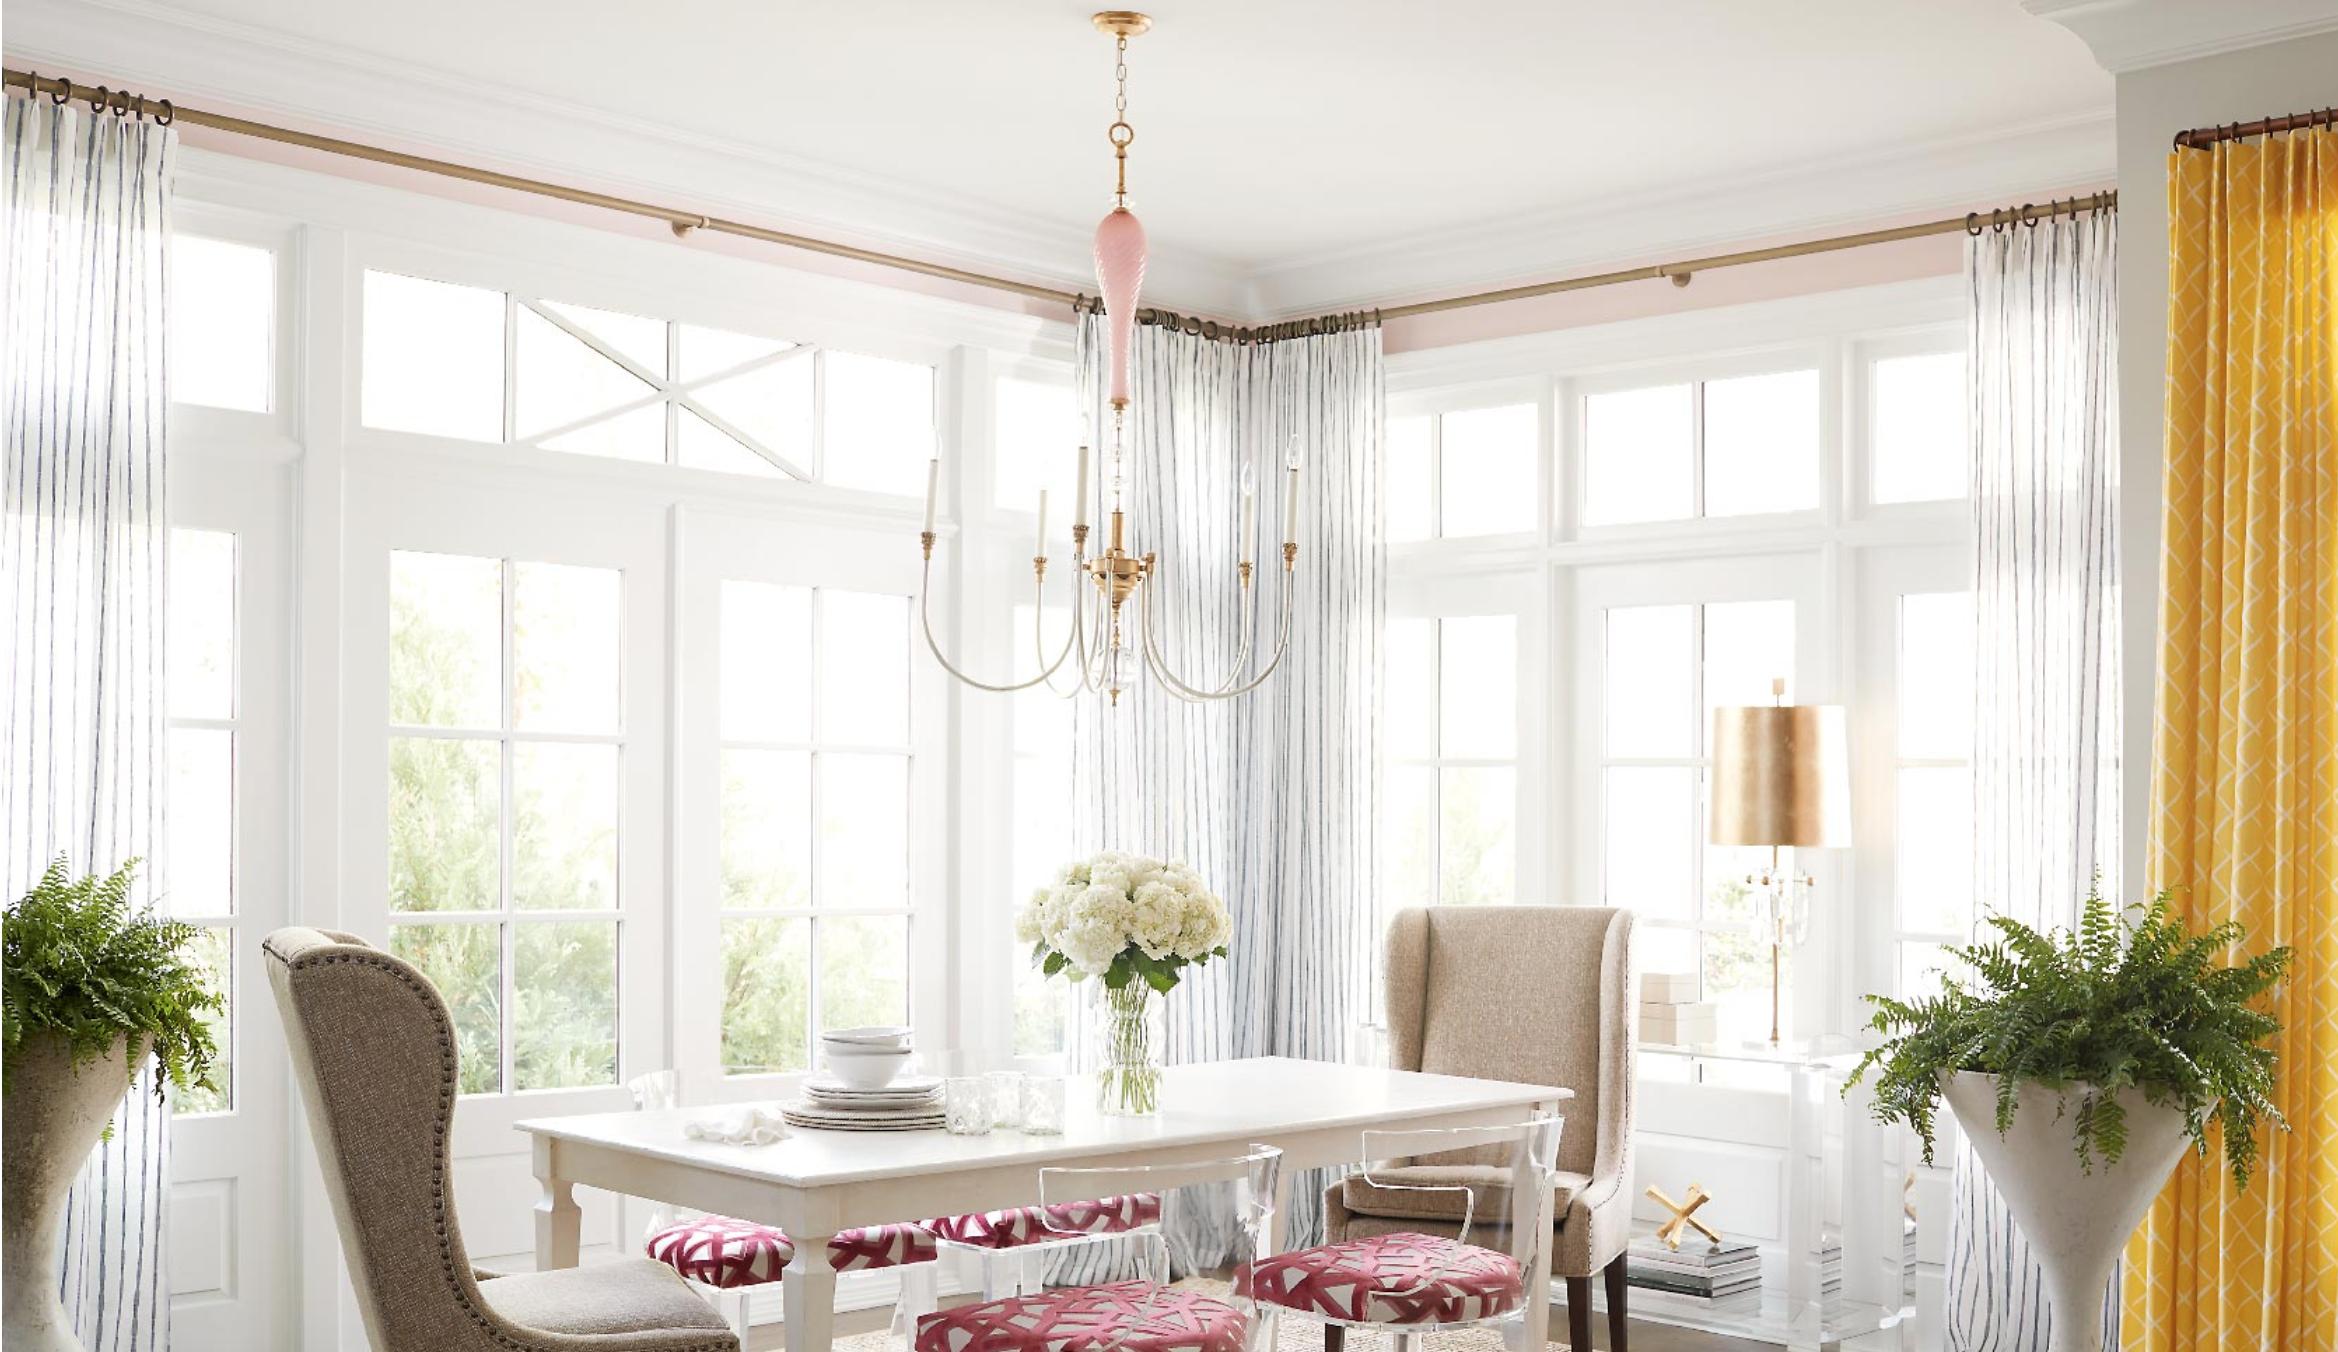 Interior design by Martha Schneider of  La Maison . Photography by  Stacey Van Berkel .